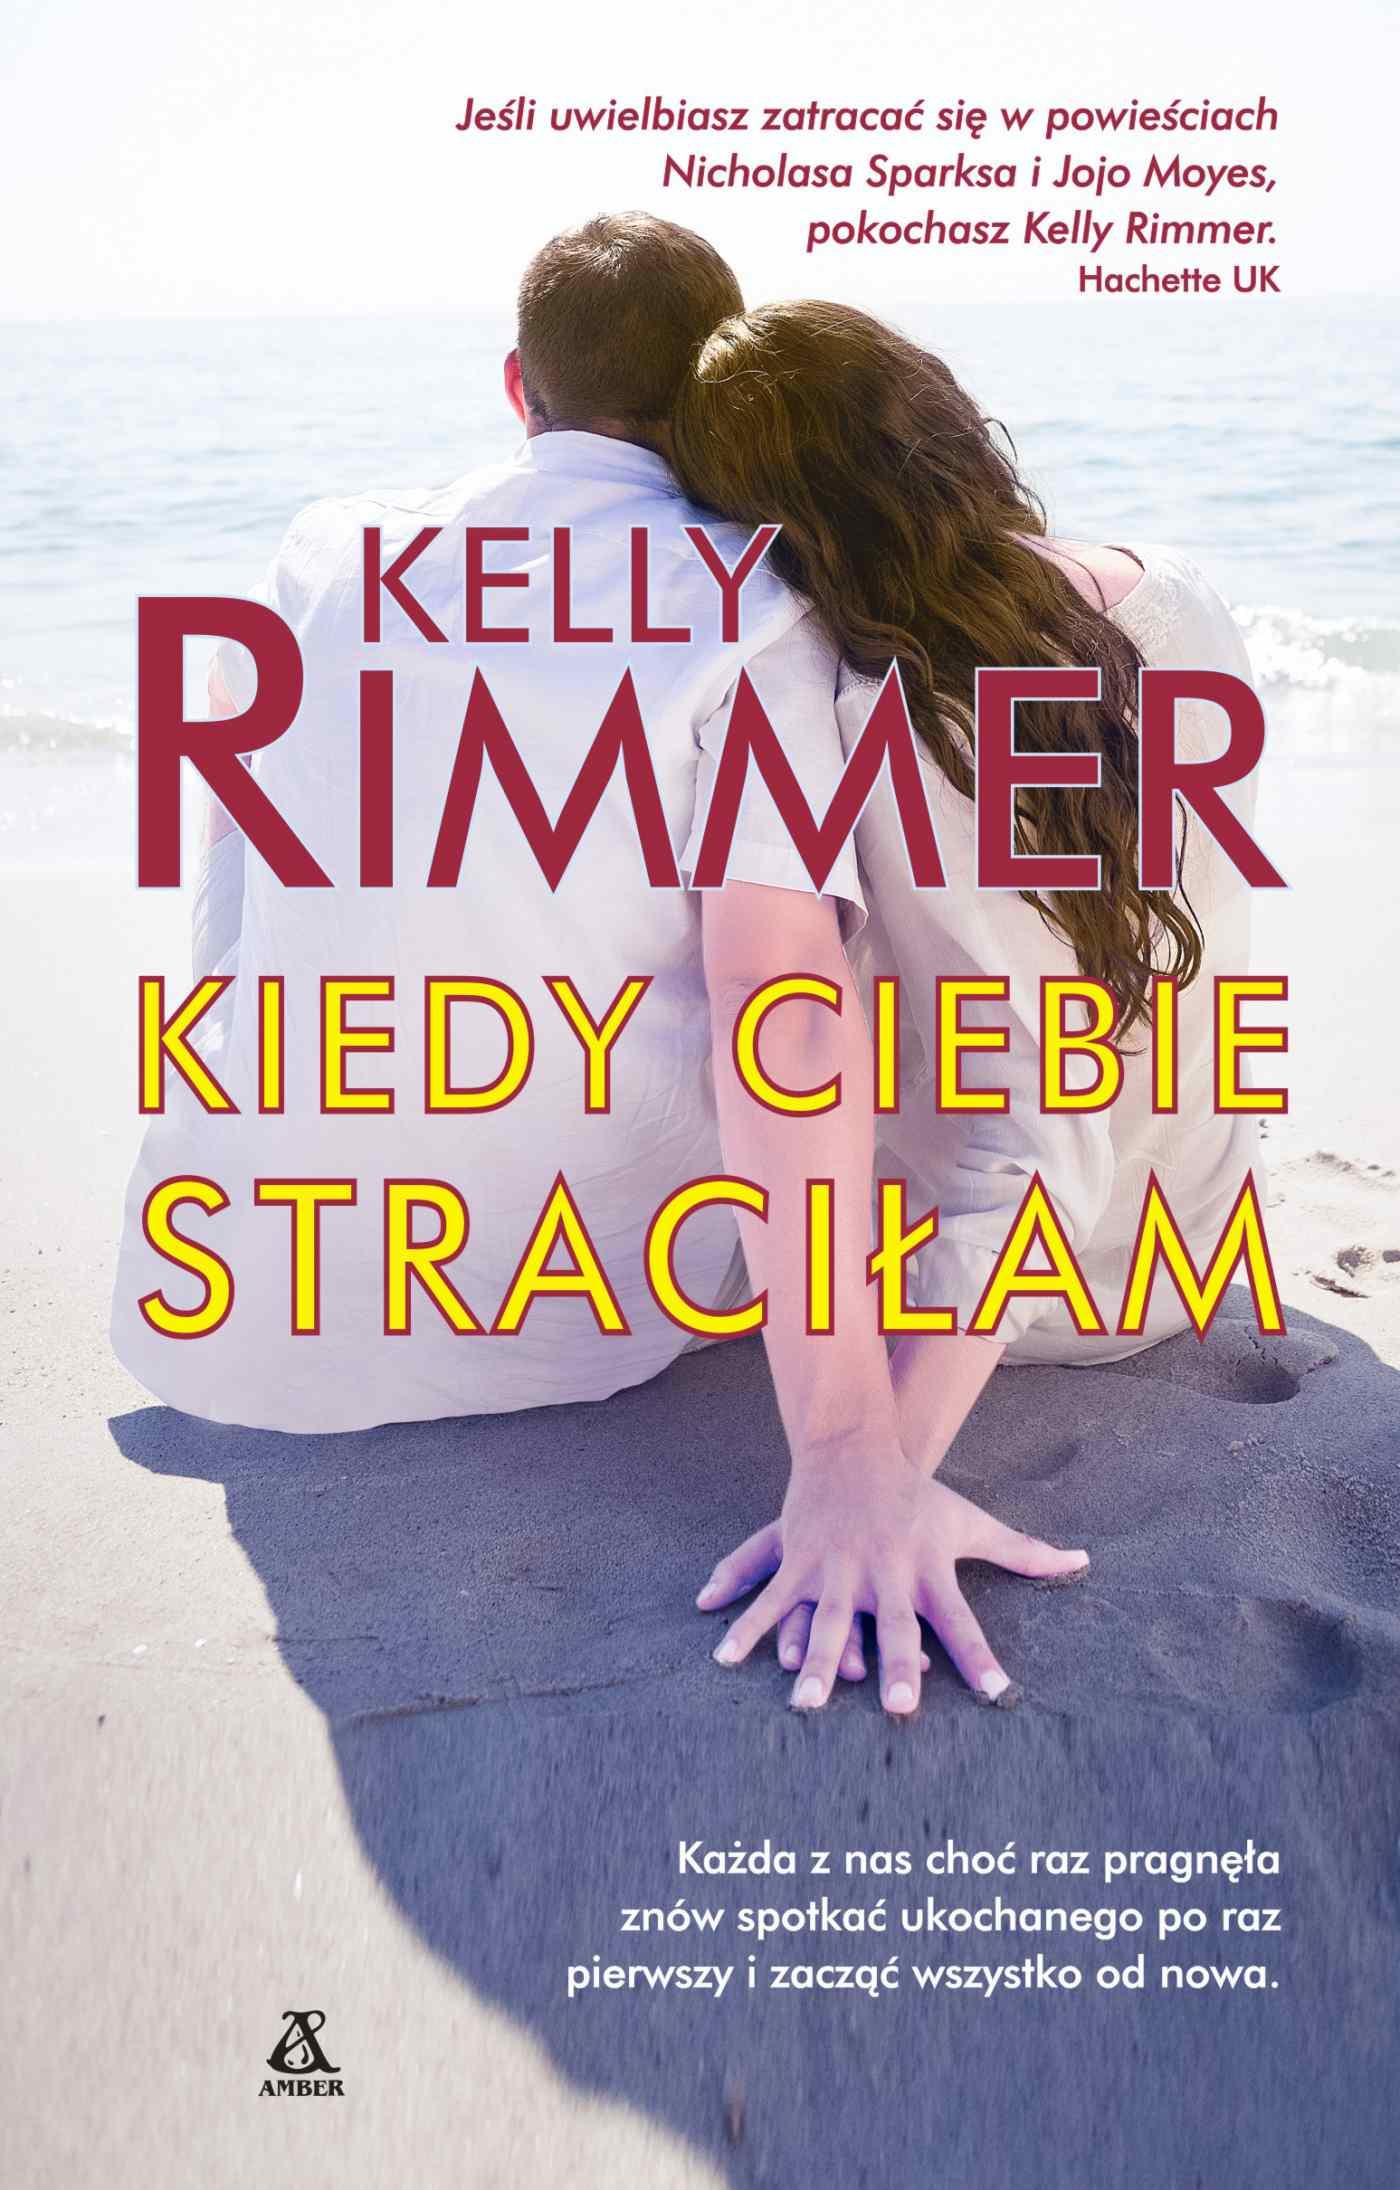 Kiedy ciebie straciłam - Tylko w Legimi możesz przeczytać ten tytuł przez 7 dni za darmo. - Kelly Rimmer